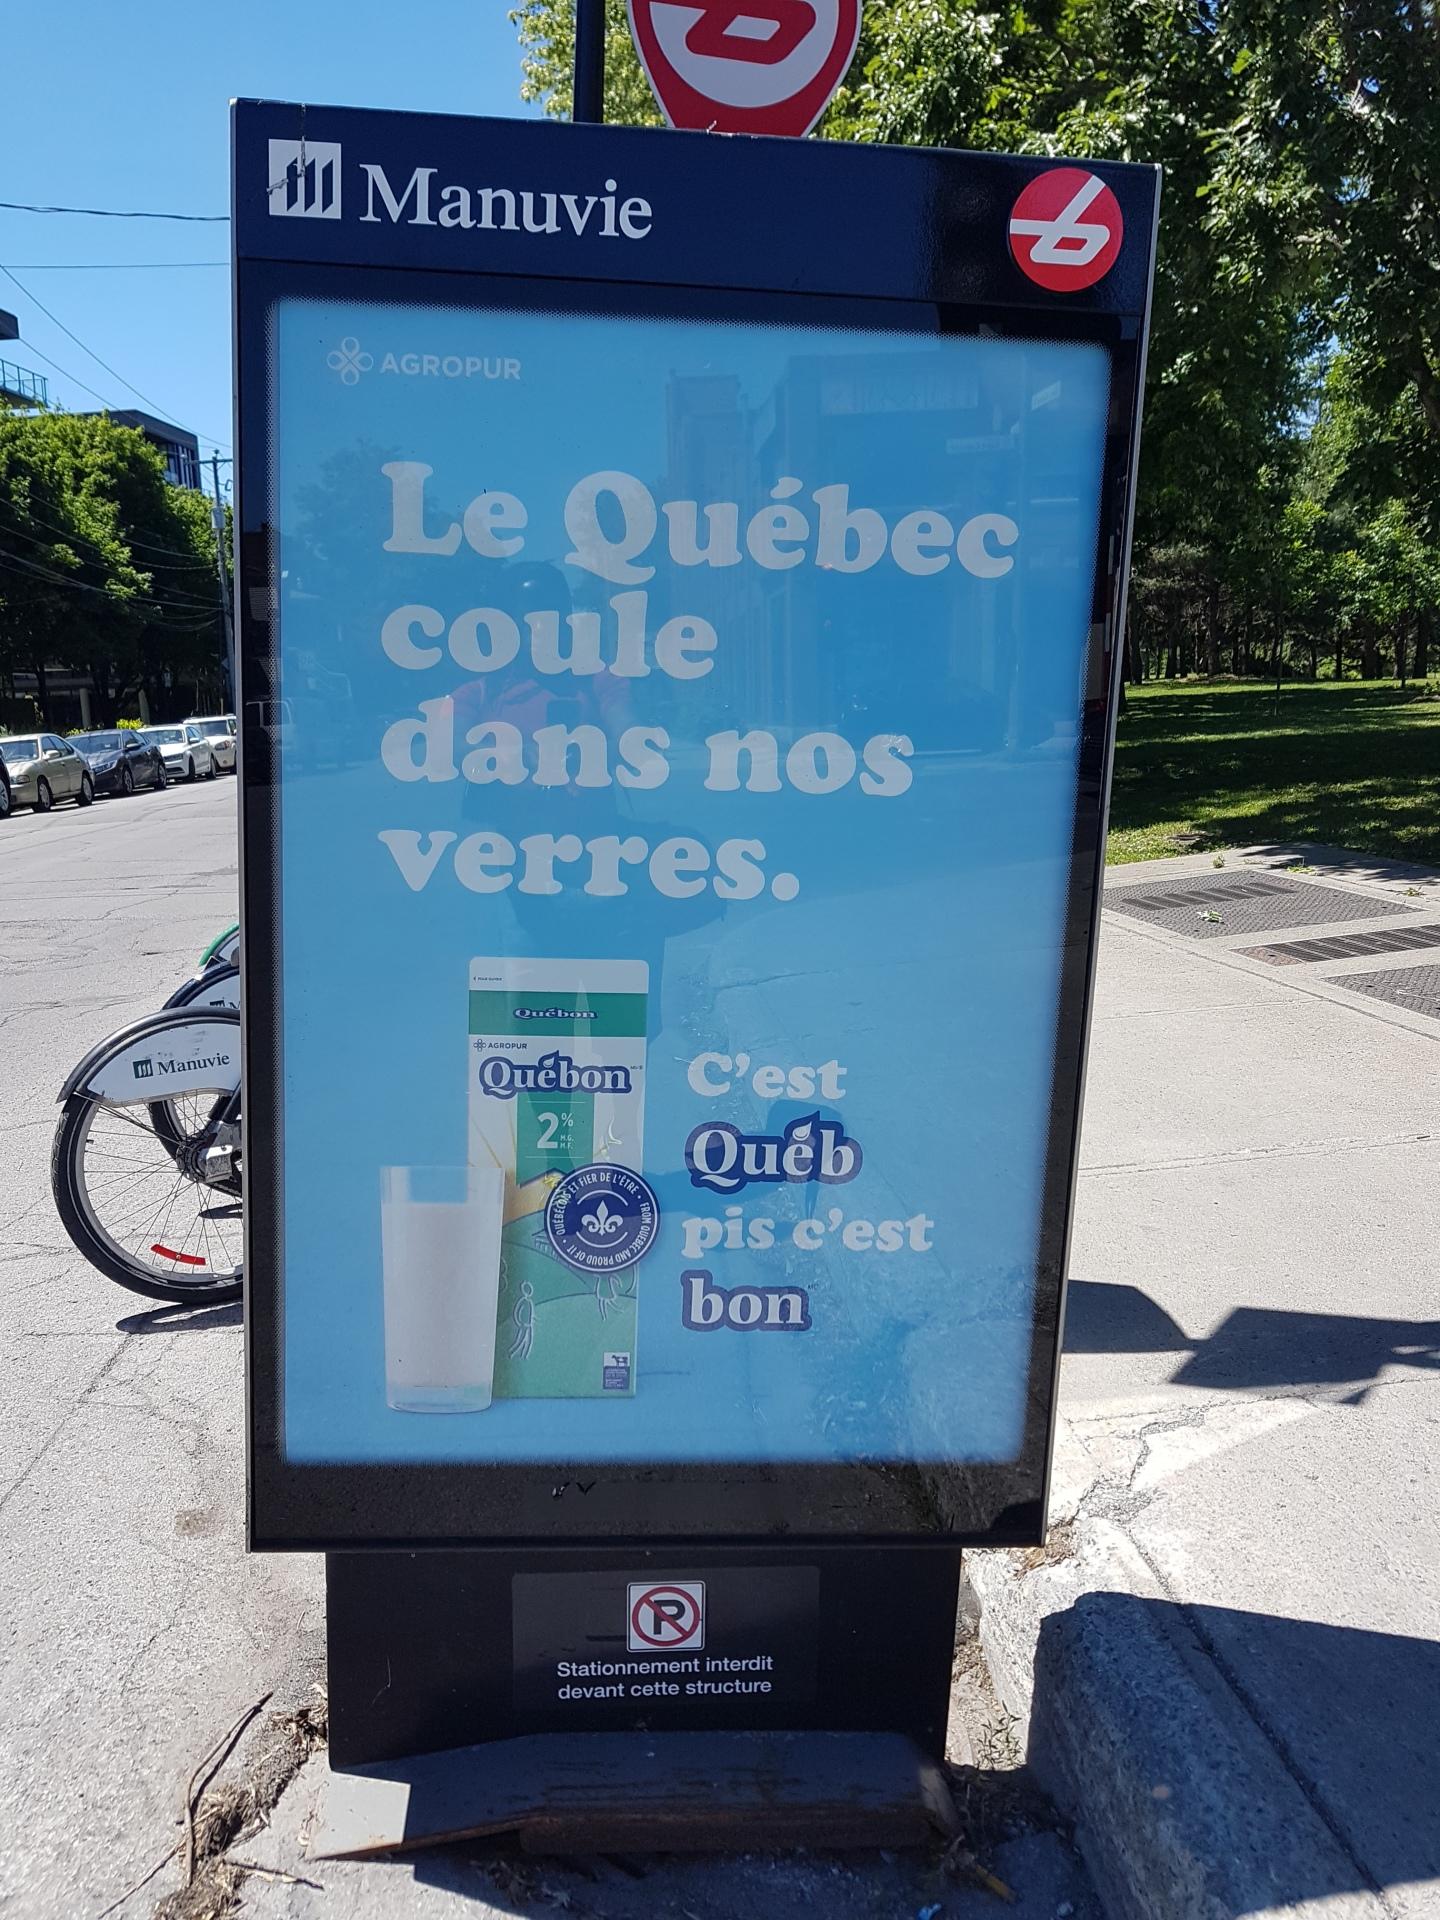 Racism in advertisement